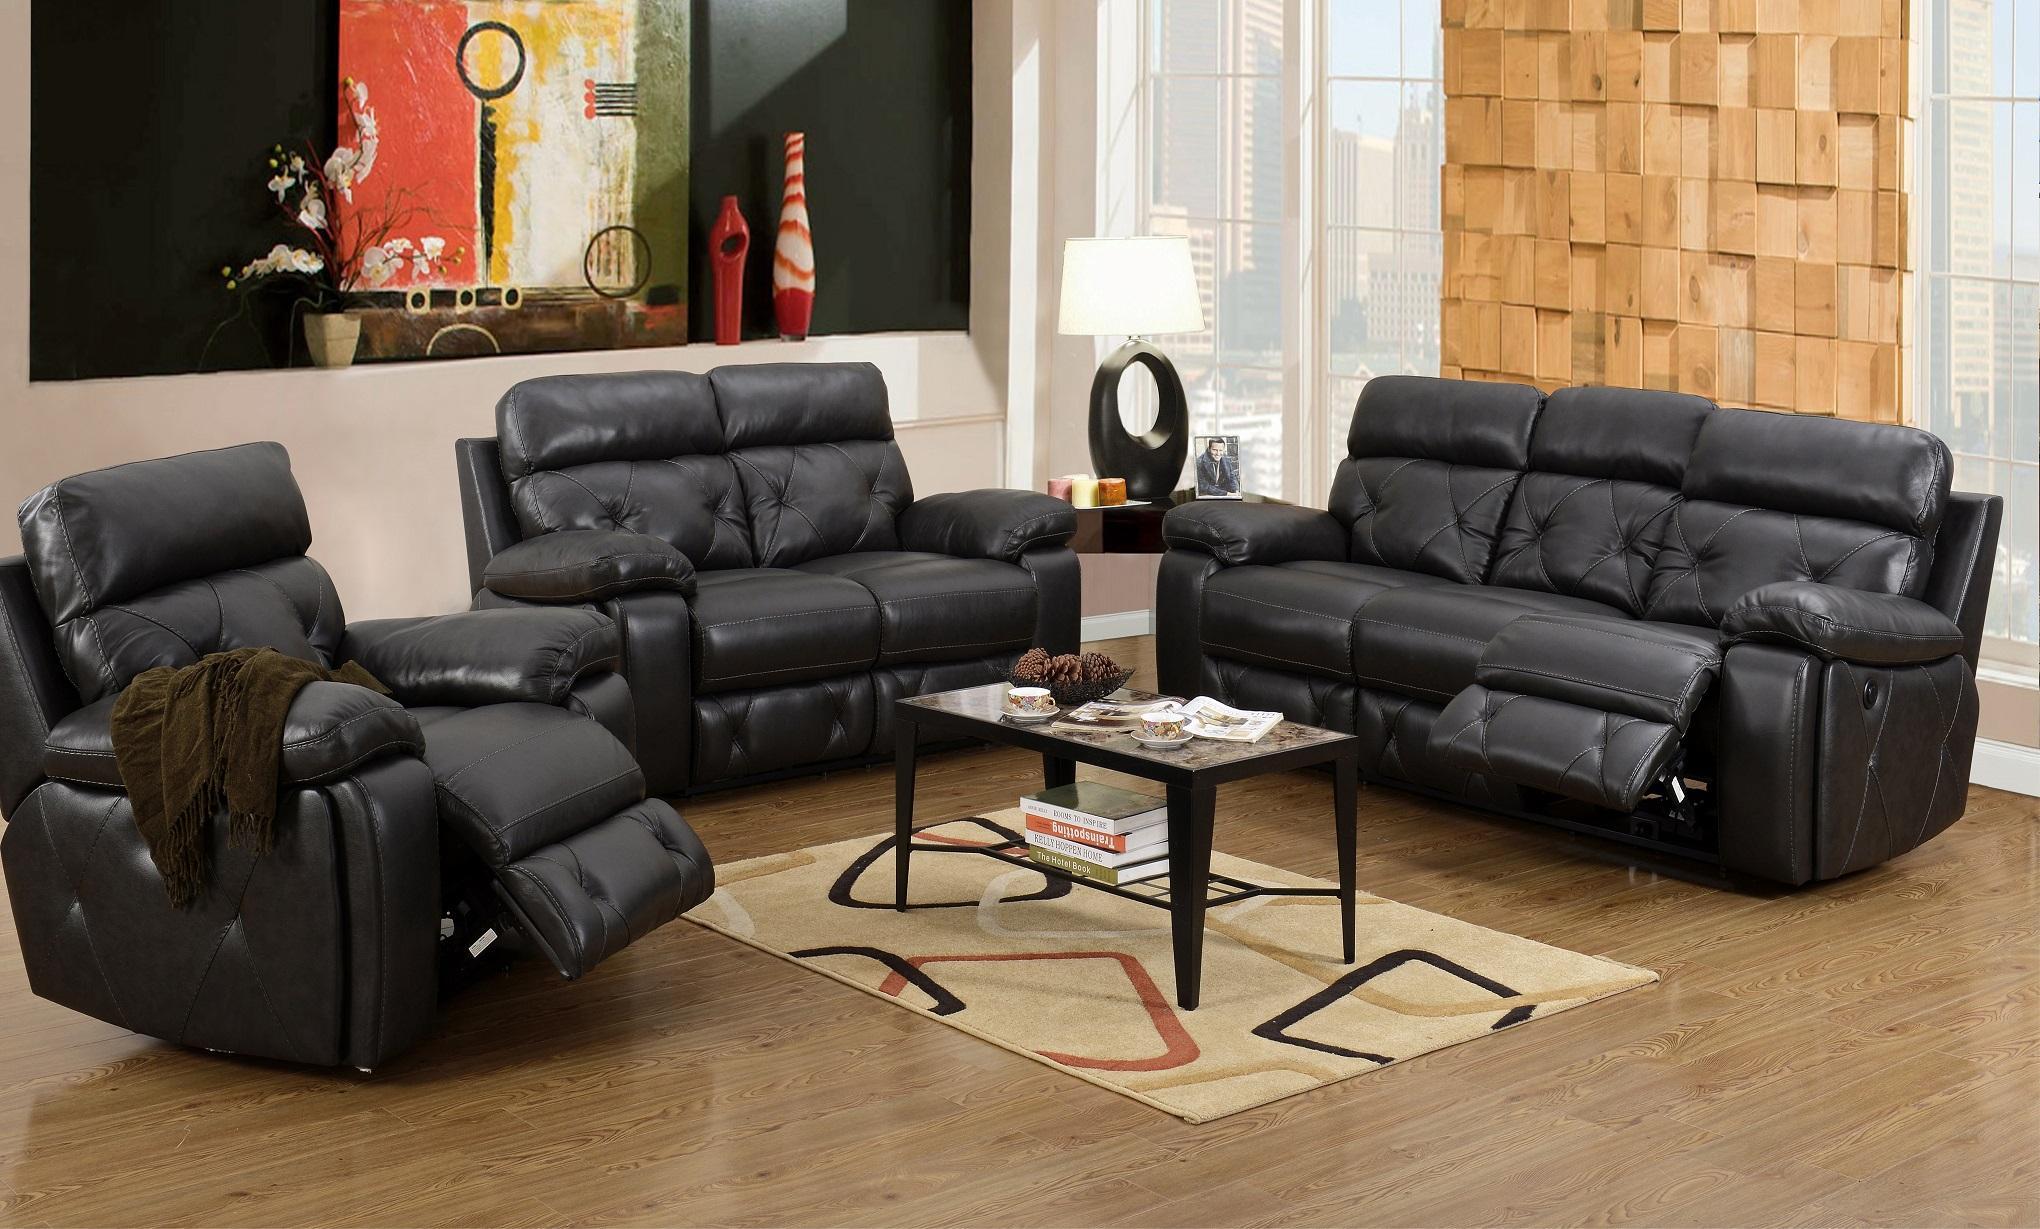 5165 mega furniture imports ltd. Black Bedroom Furniture Sets. Home Design Ideas